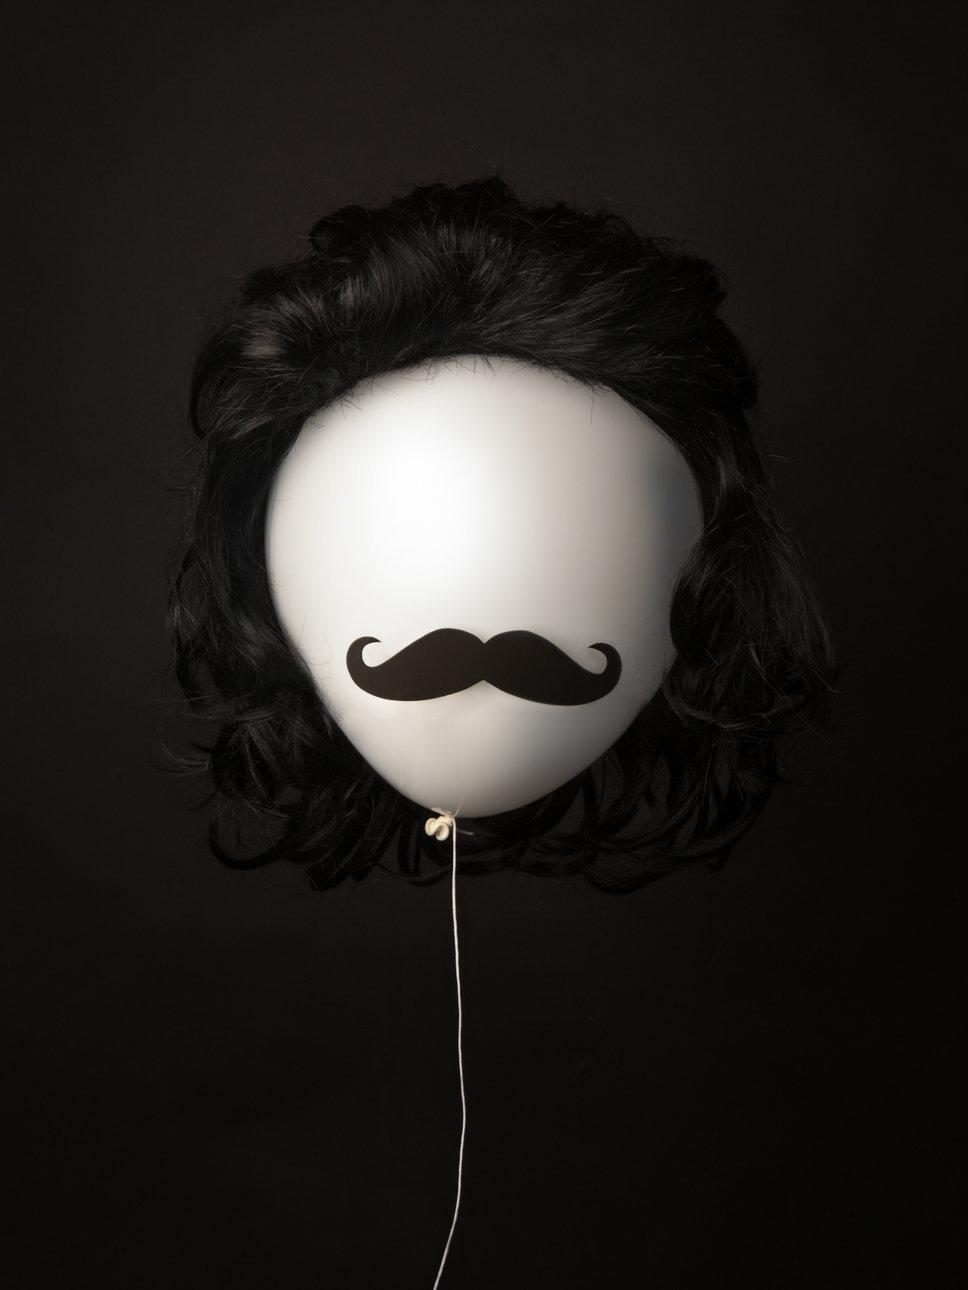 Patrick-Rivera-photographer-still-life-balloonies (1 of 6).jpg